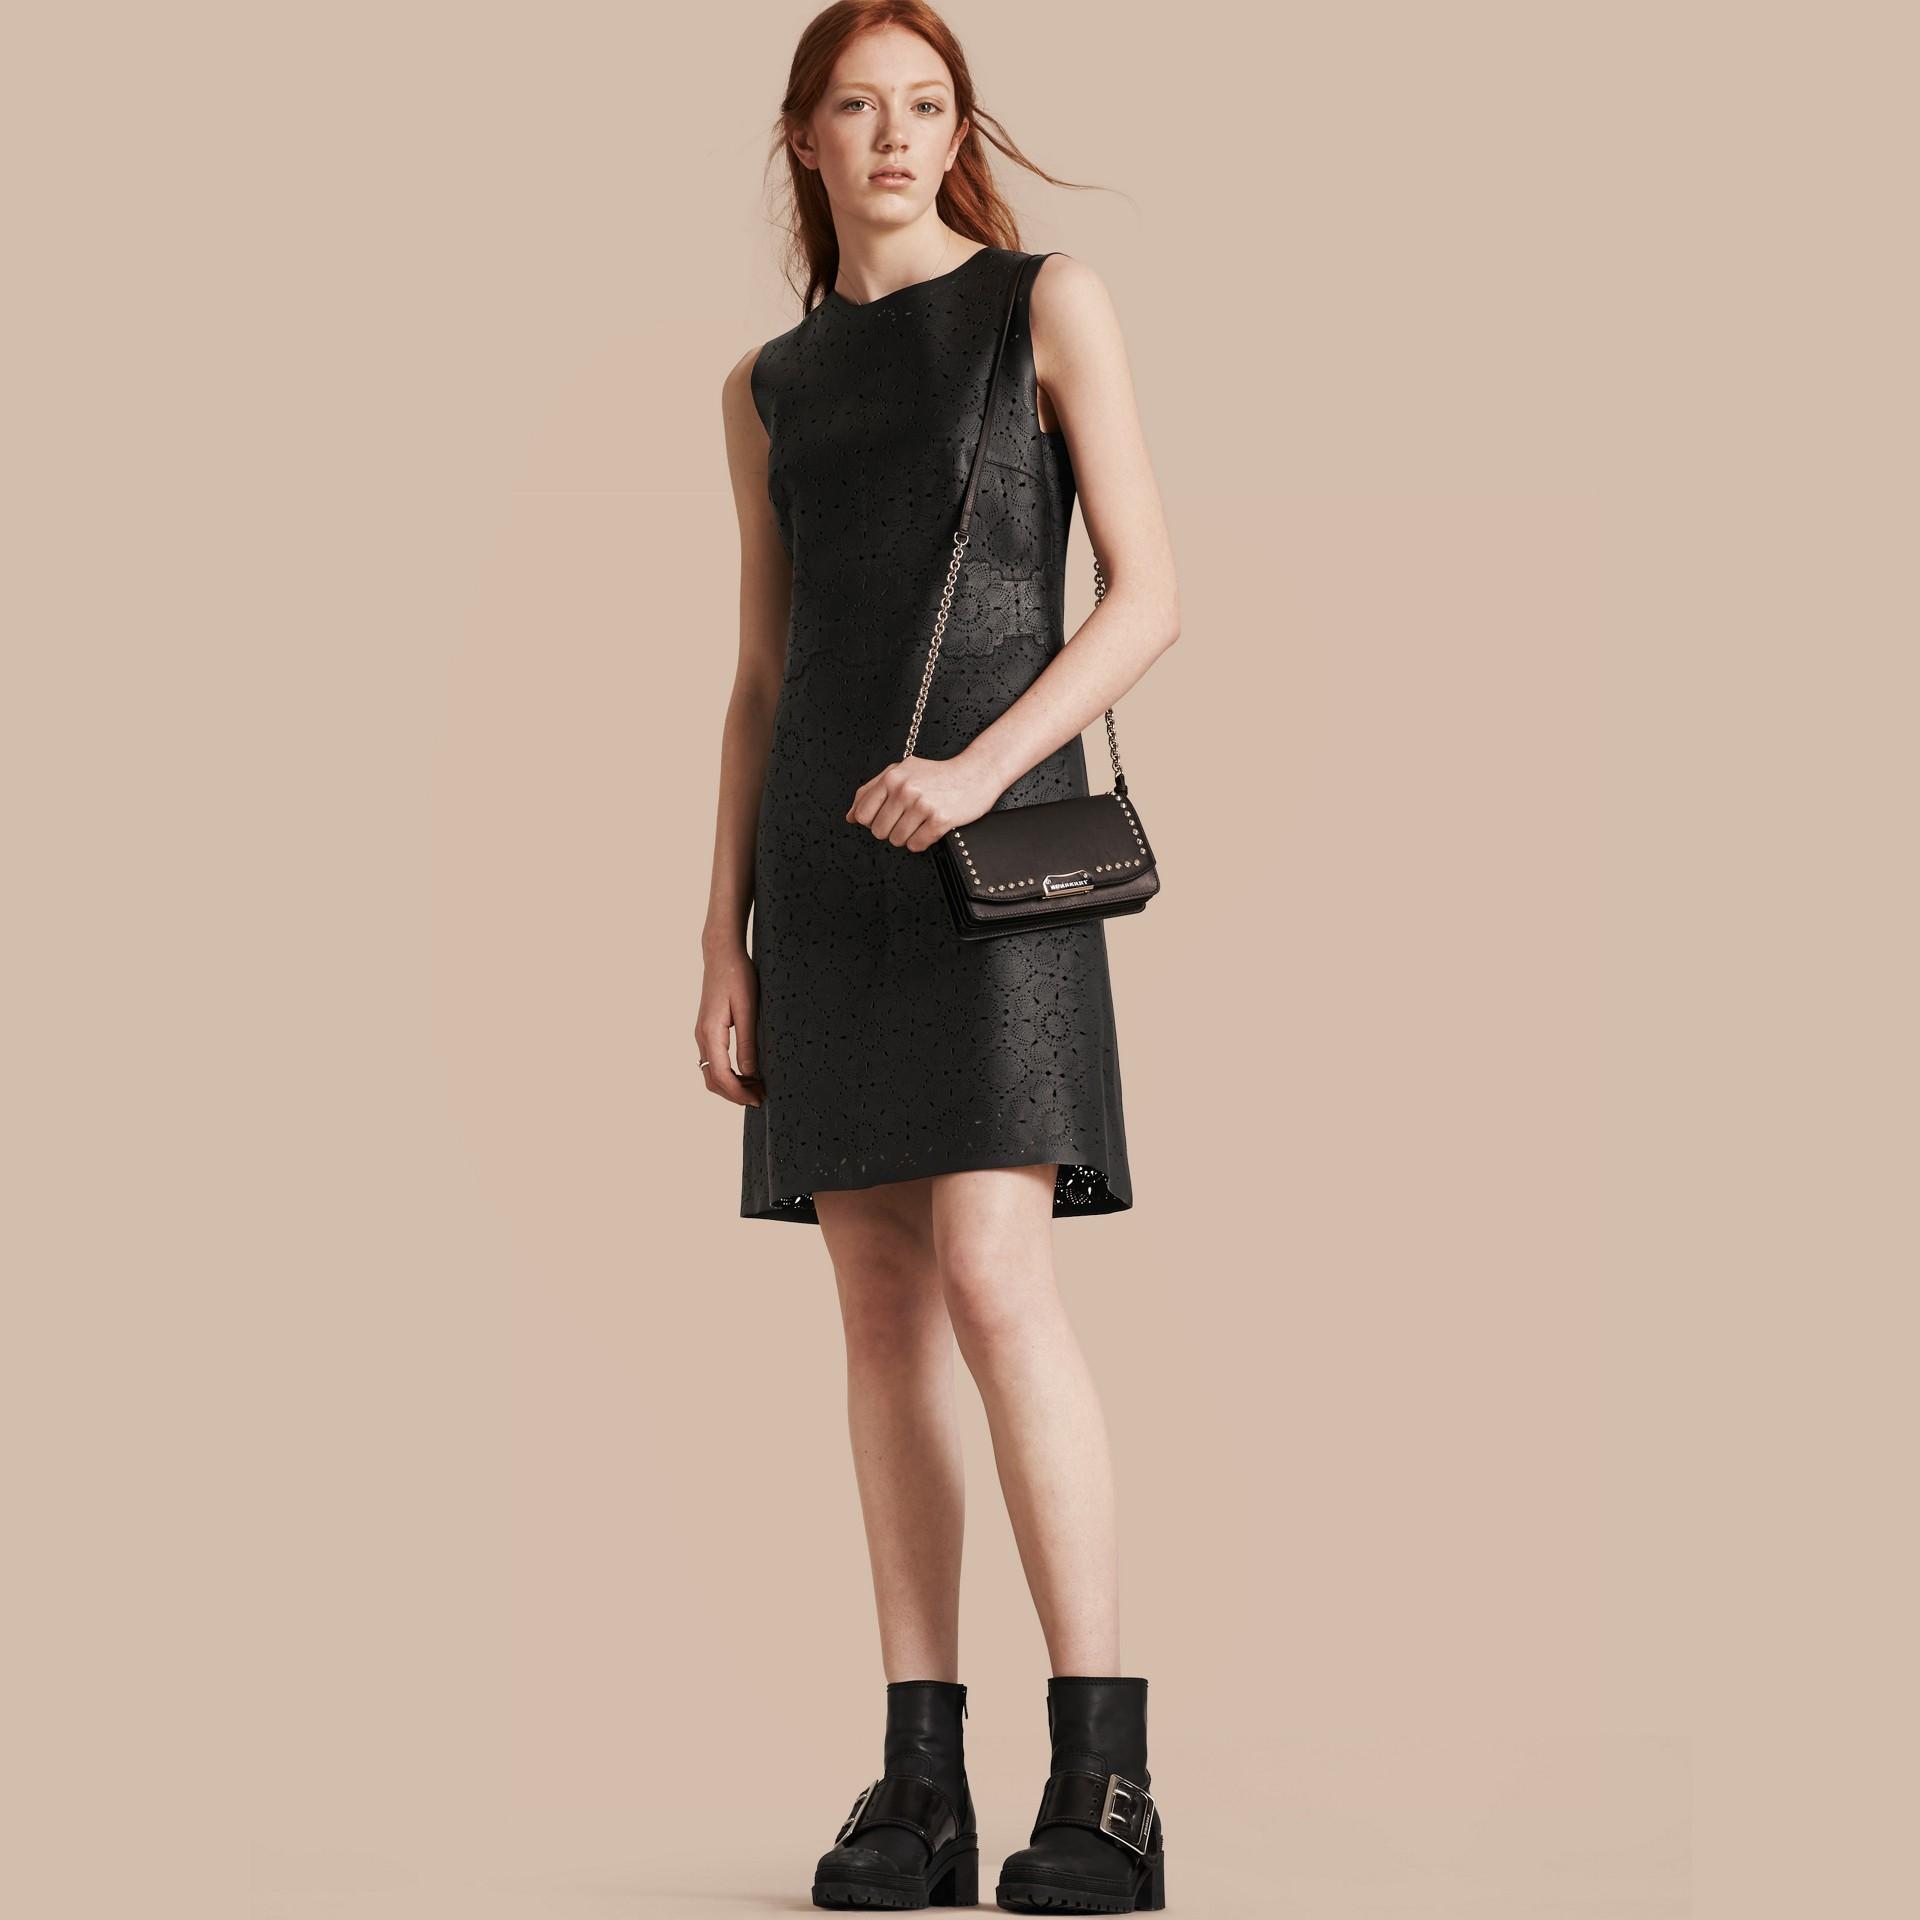 Черный Платье из кожи с эффектом кружева - изображение 1